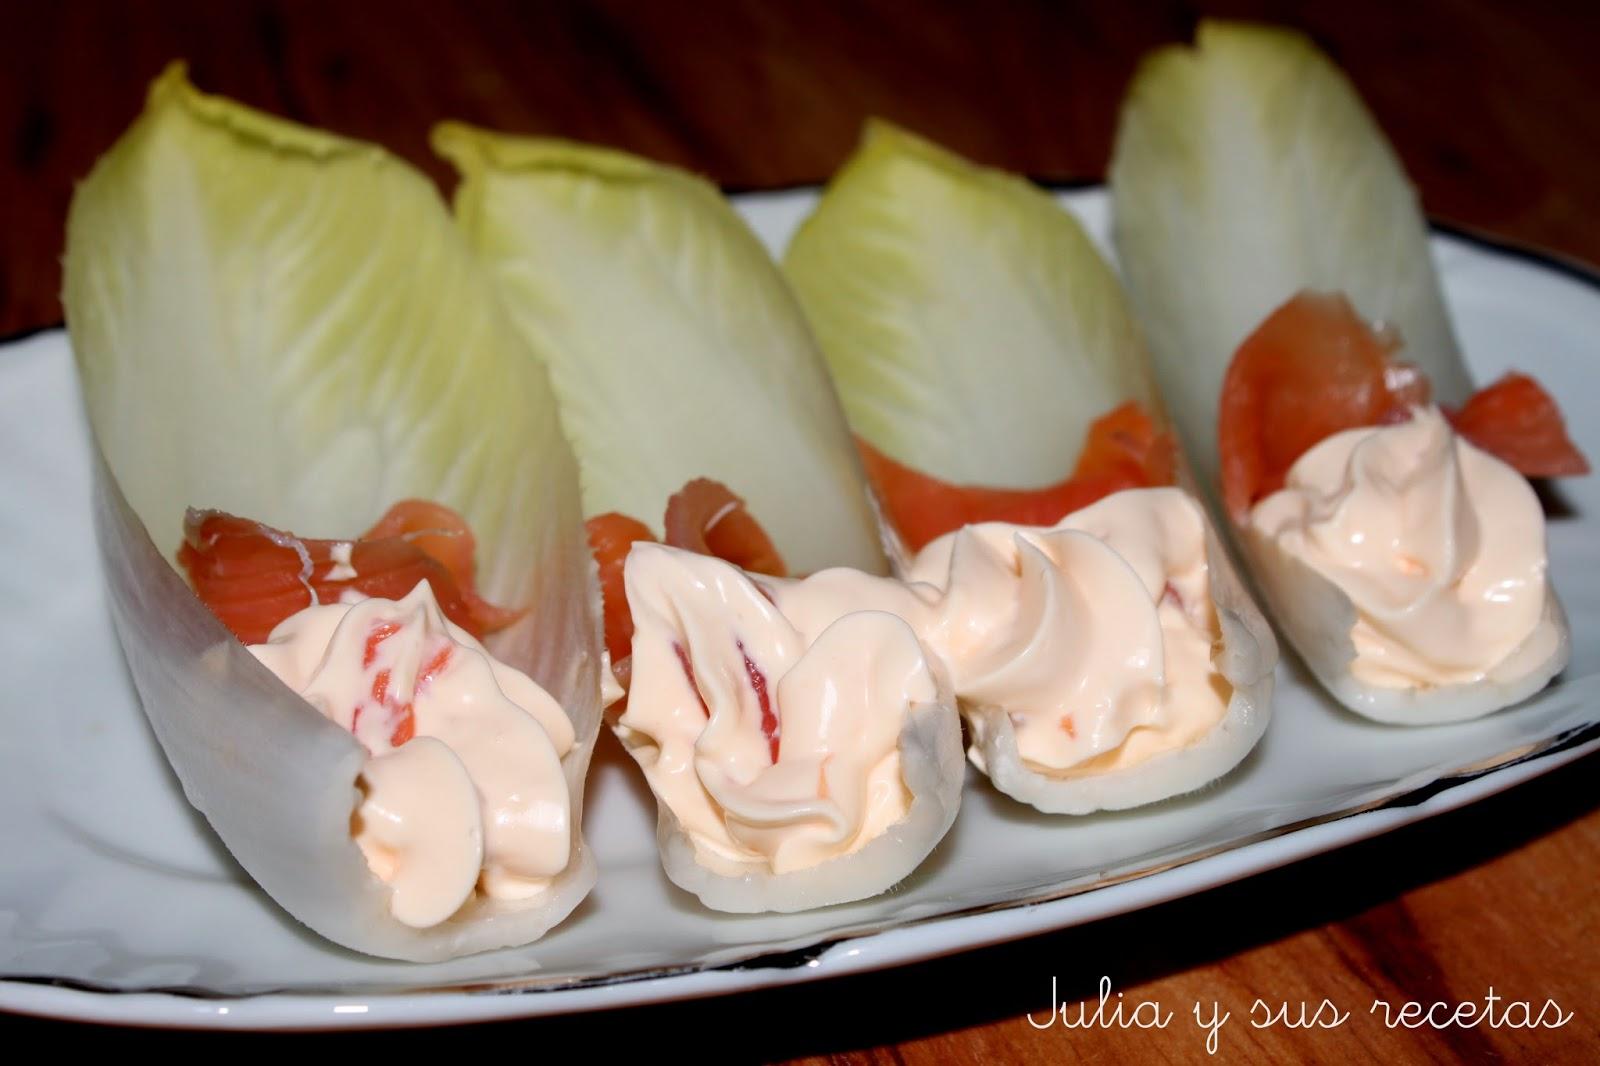 Endivias con crema de salmón. Julia y sus recetas